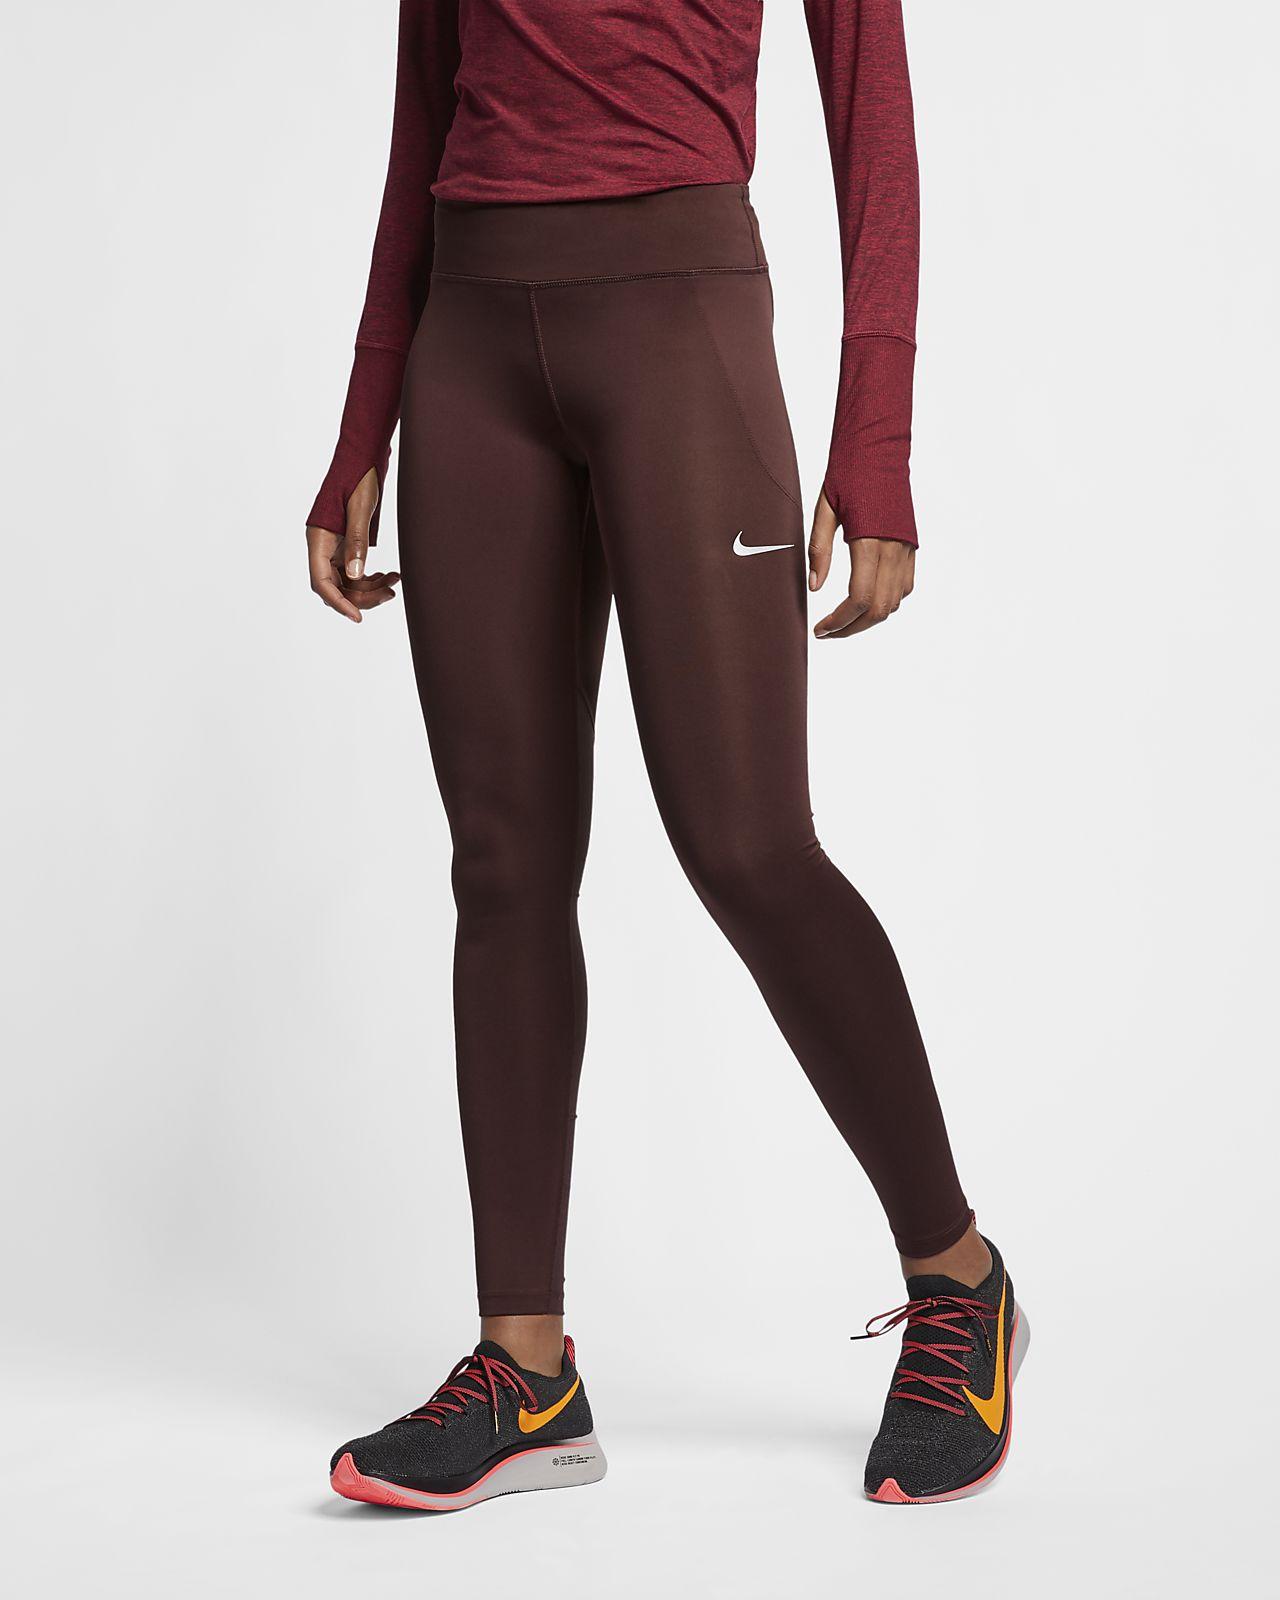 Mallas de running para mujer Nike Fast